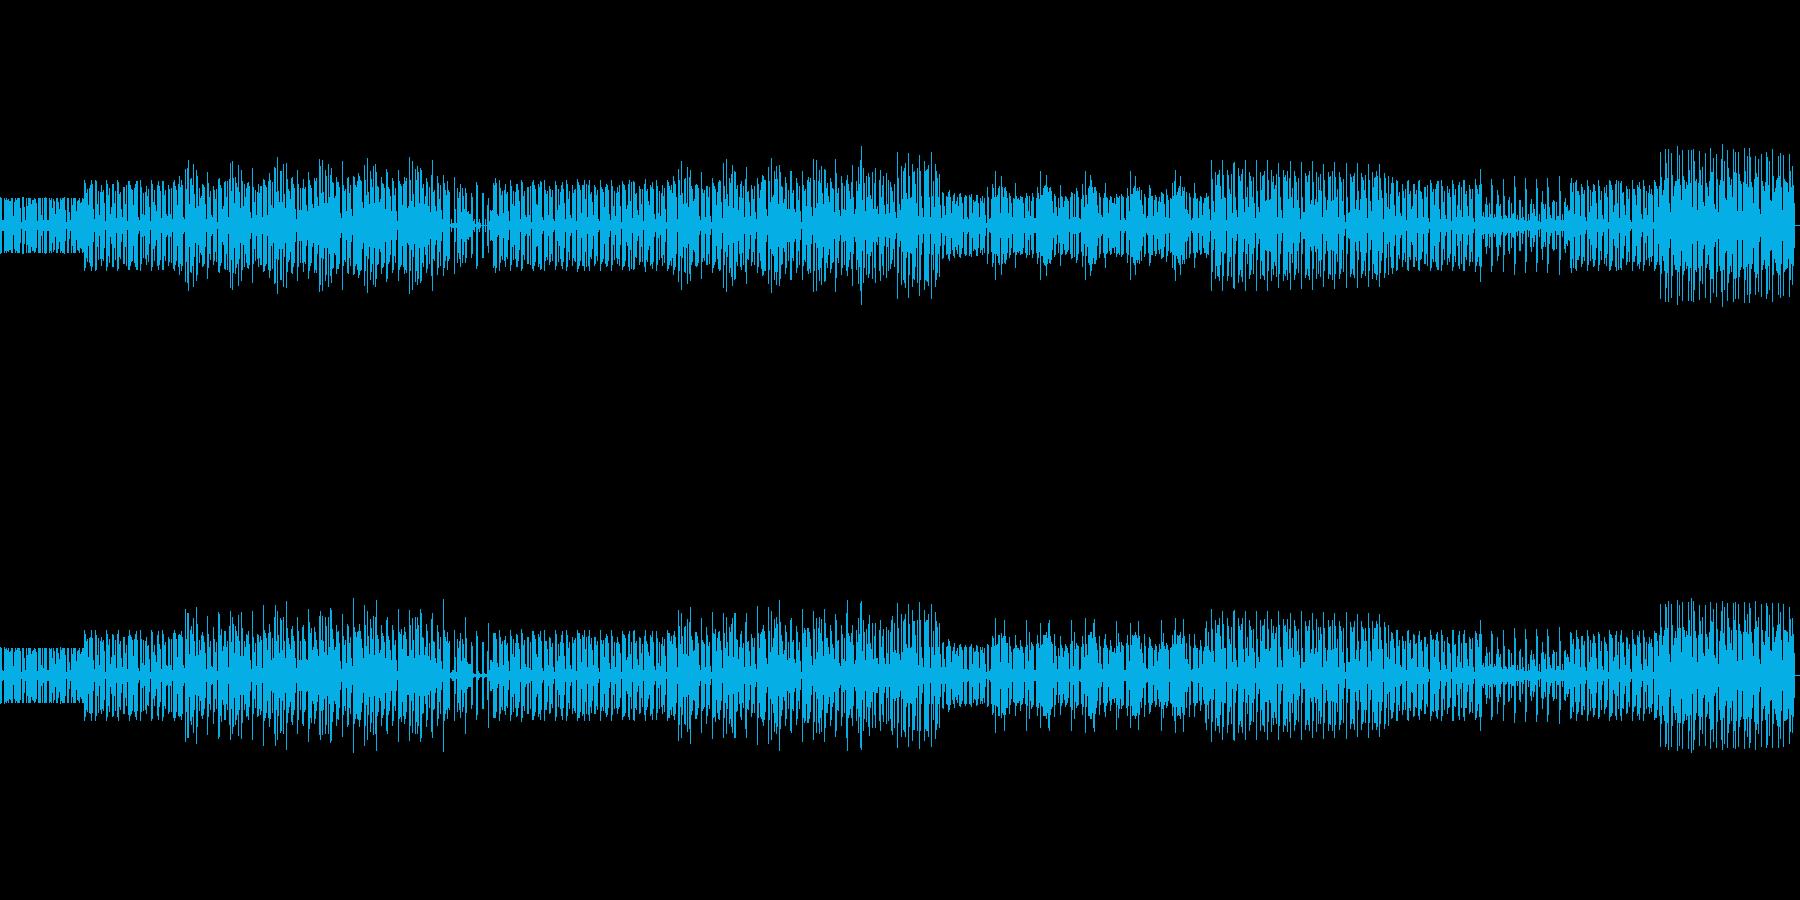 レゲトン要素のスロウなハウス インスト の再生済みの波形